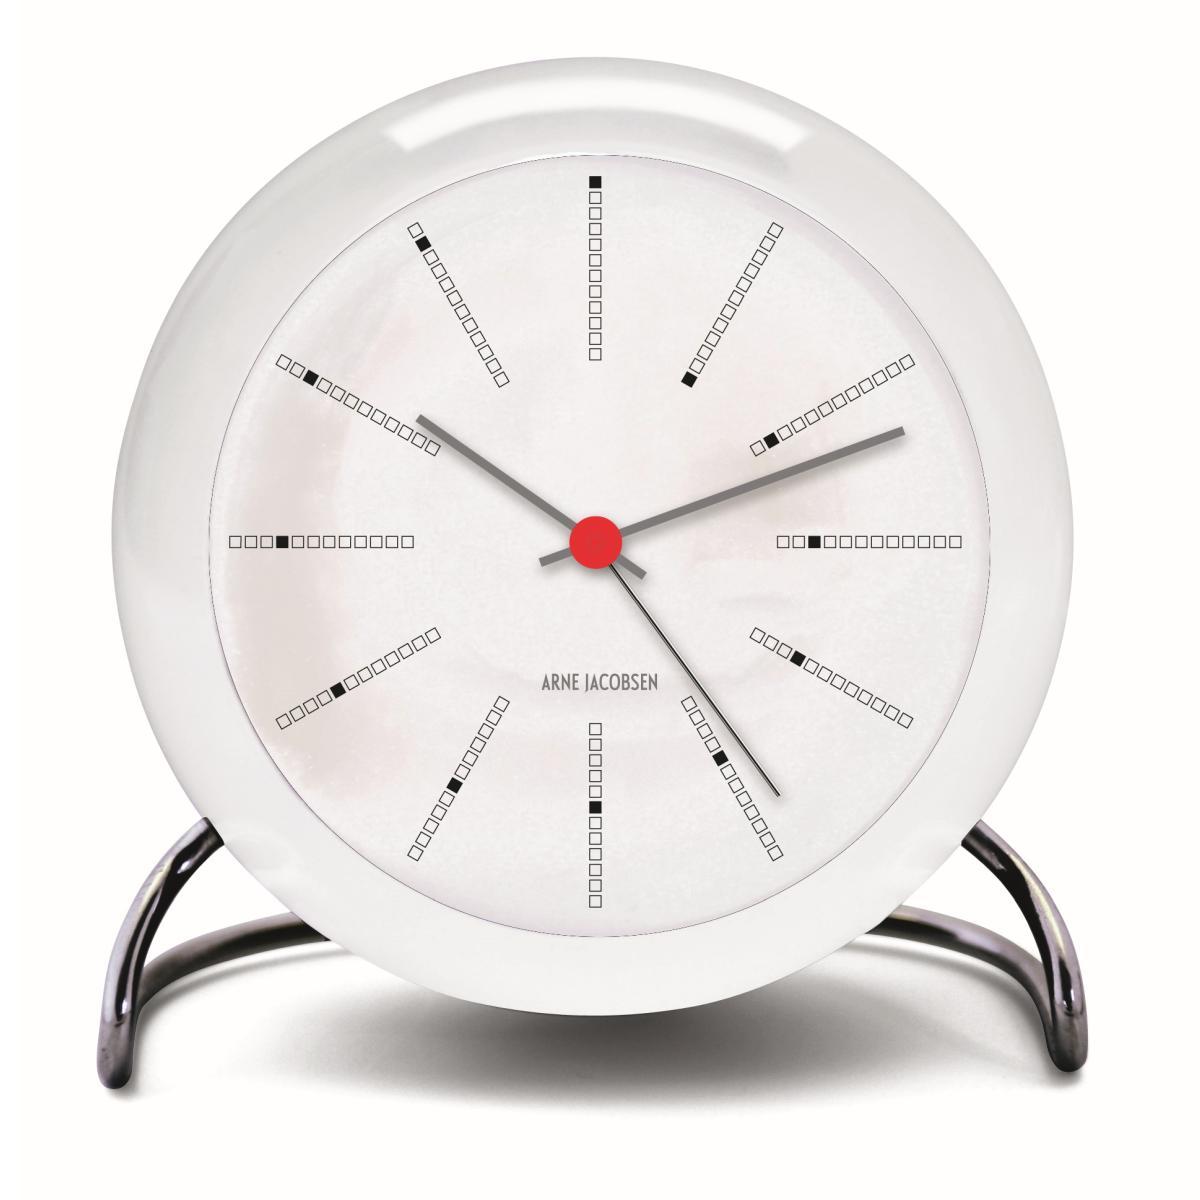 Arne Jacobsen Tischuhr BANKERS mit Wecker, weiß mit rotem Punkt